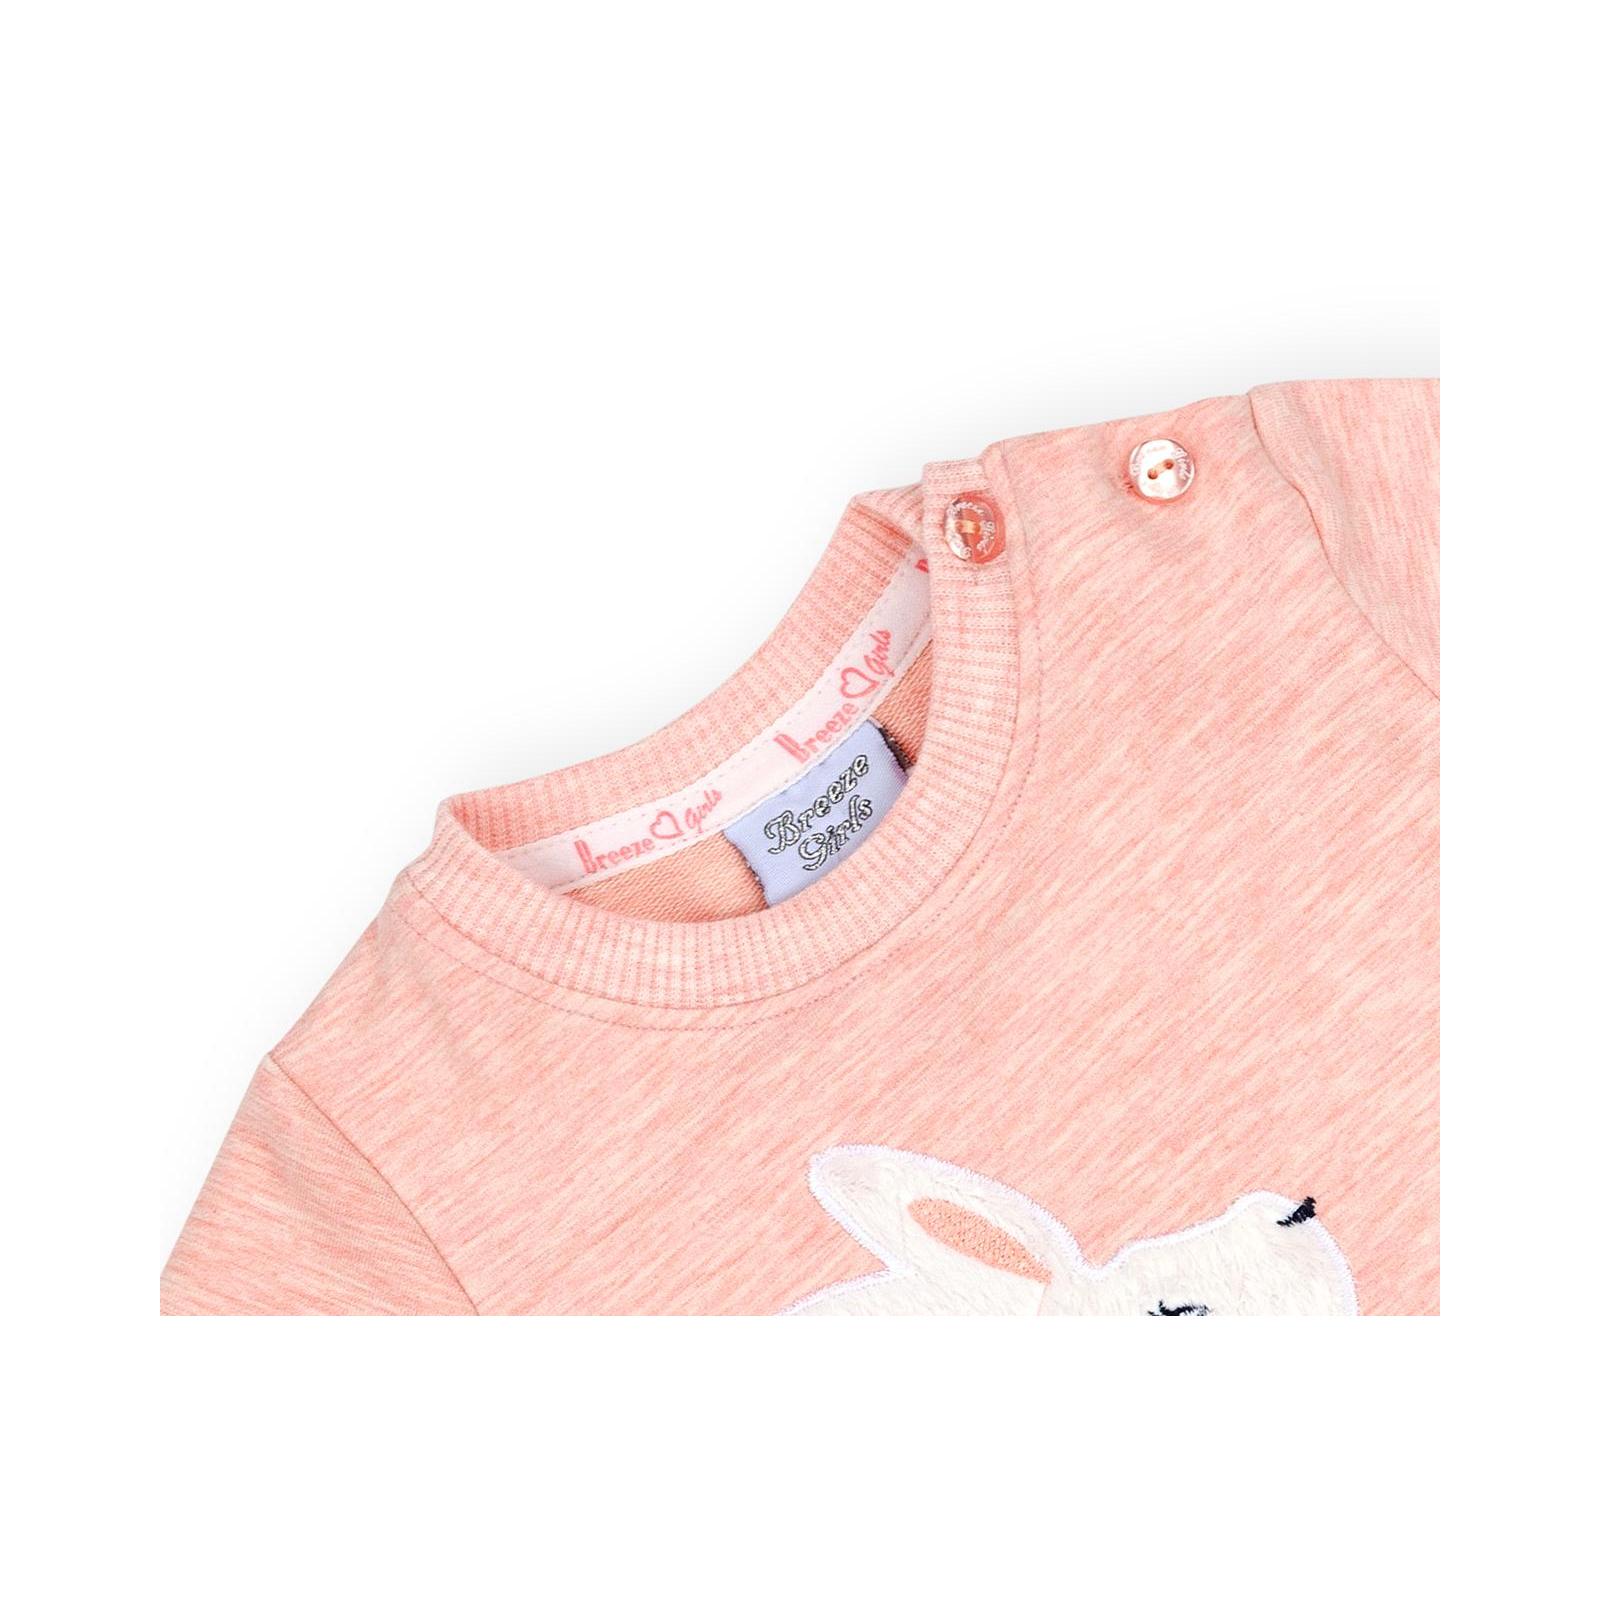 Набор детской одежды Breeze с зайчиками (10214-74G-peach) изображение 7